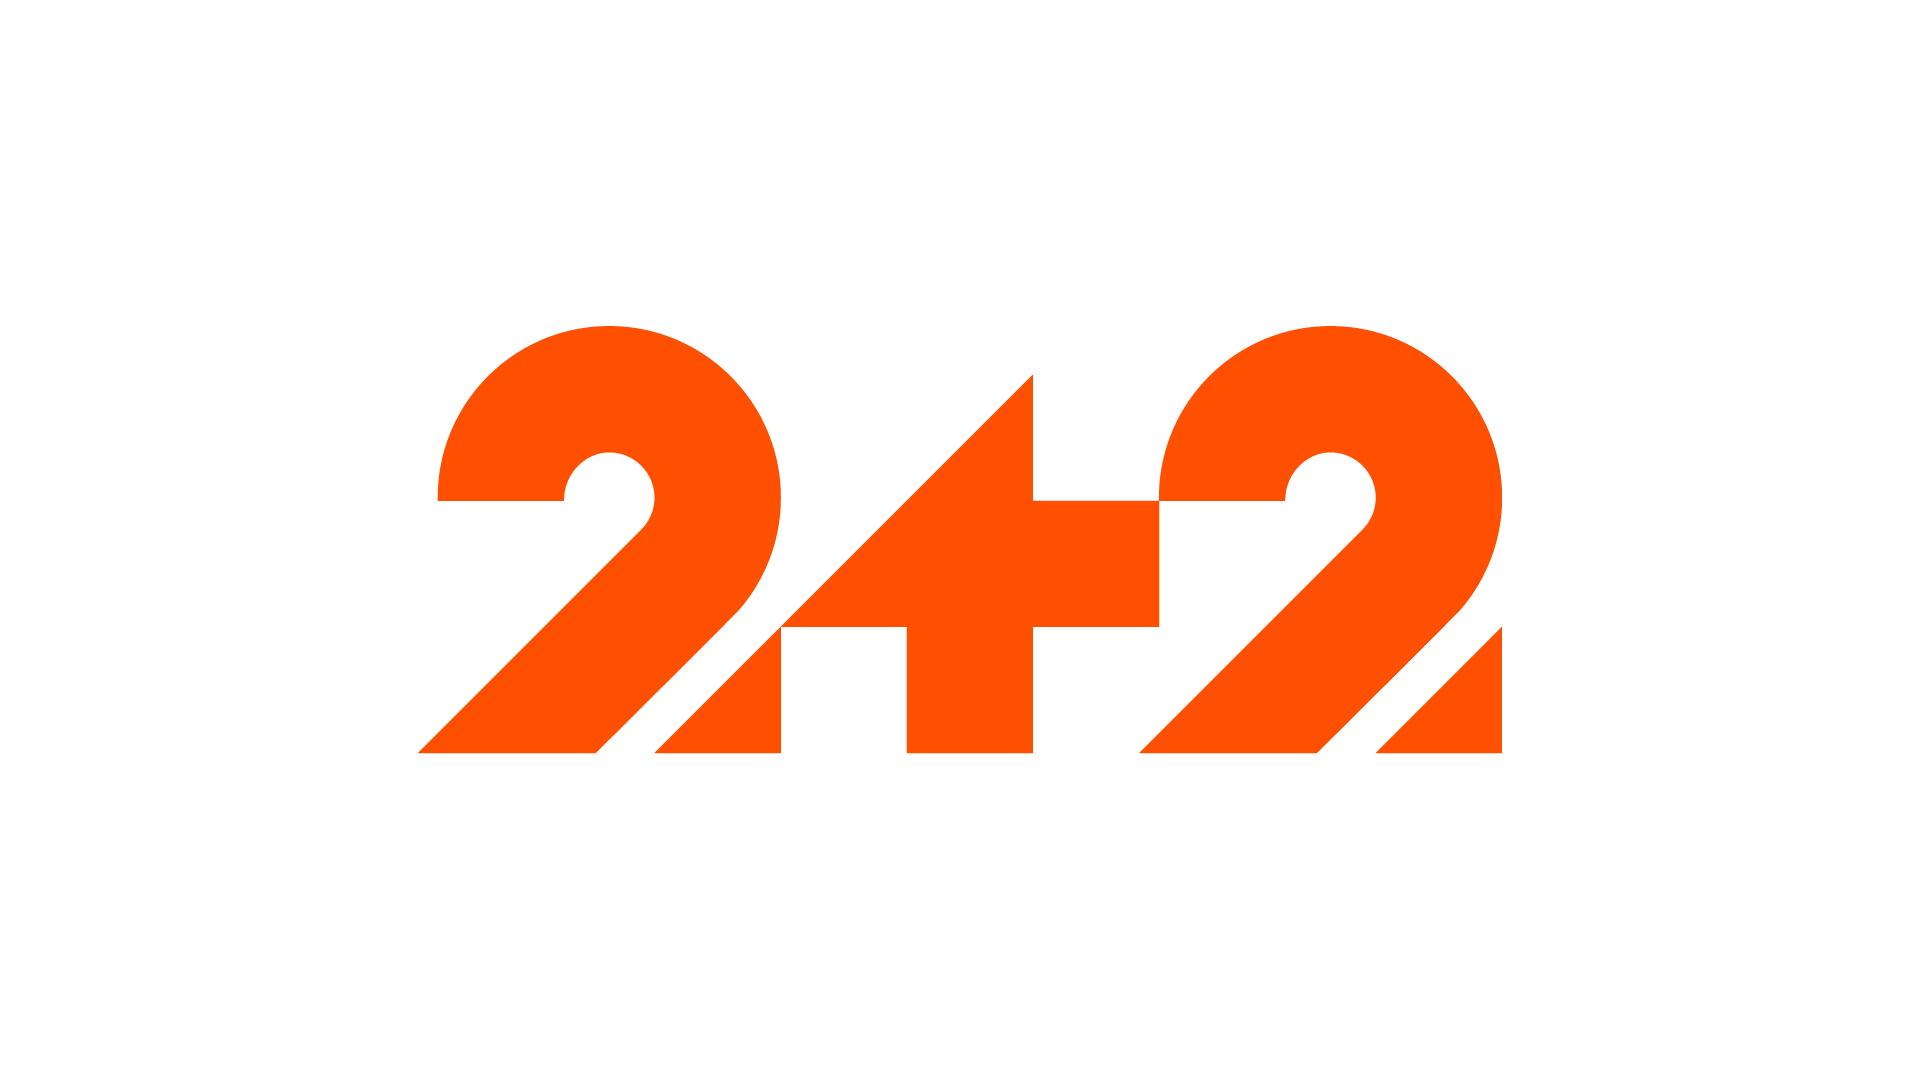 На каналі «2+2» з 13 серпня стартує новий телесезон (ОНОВЛЕНО)